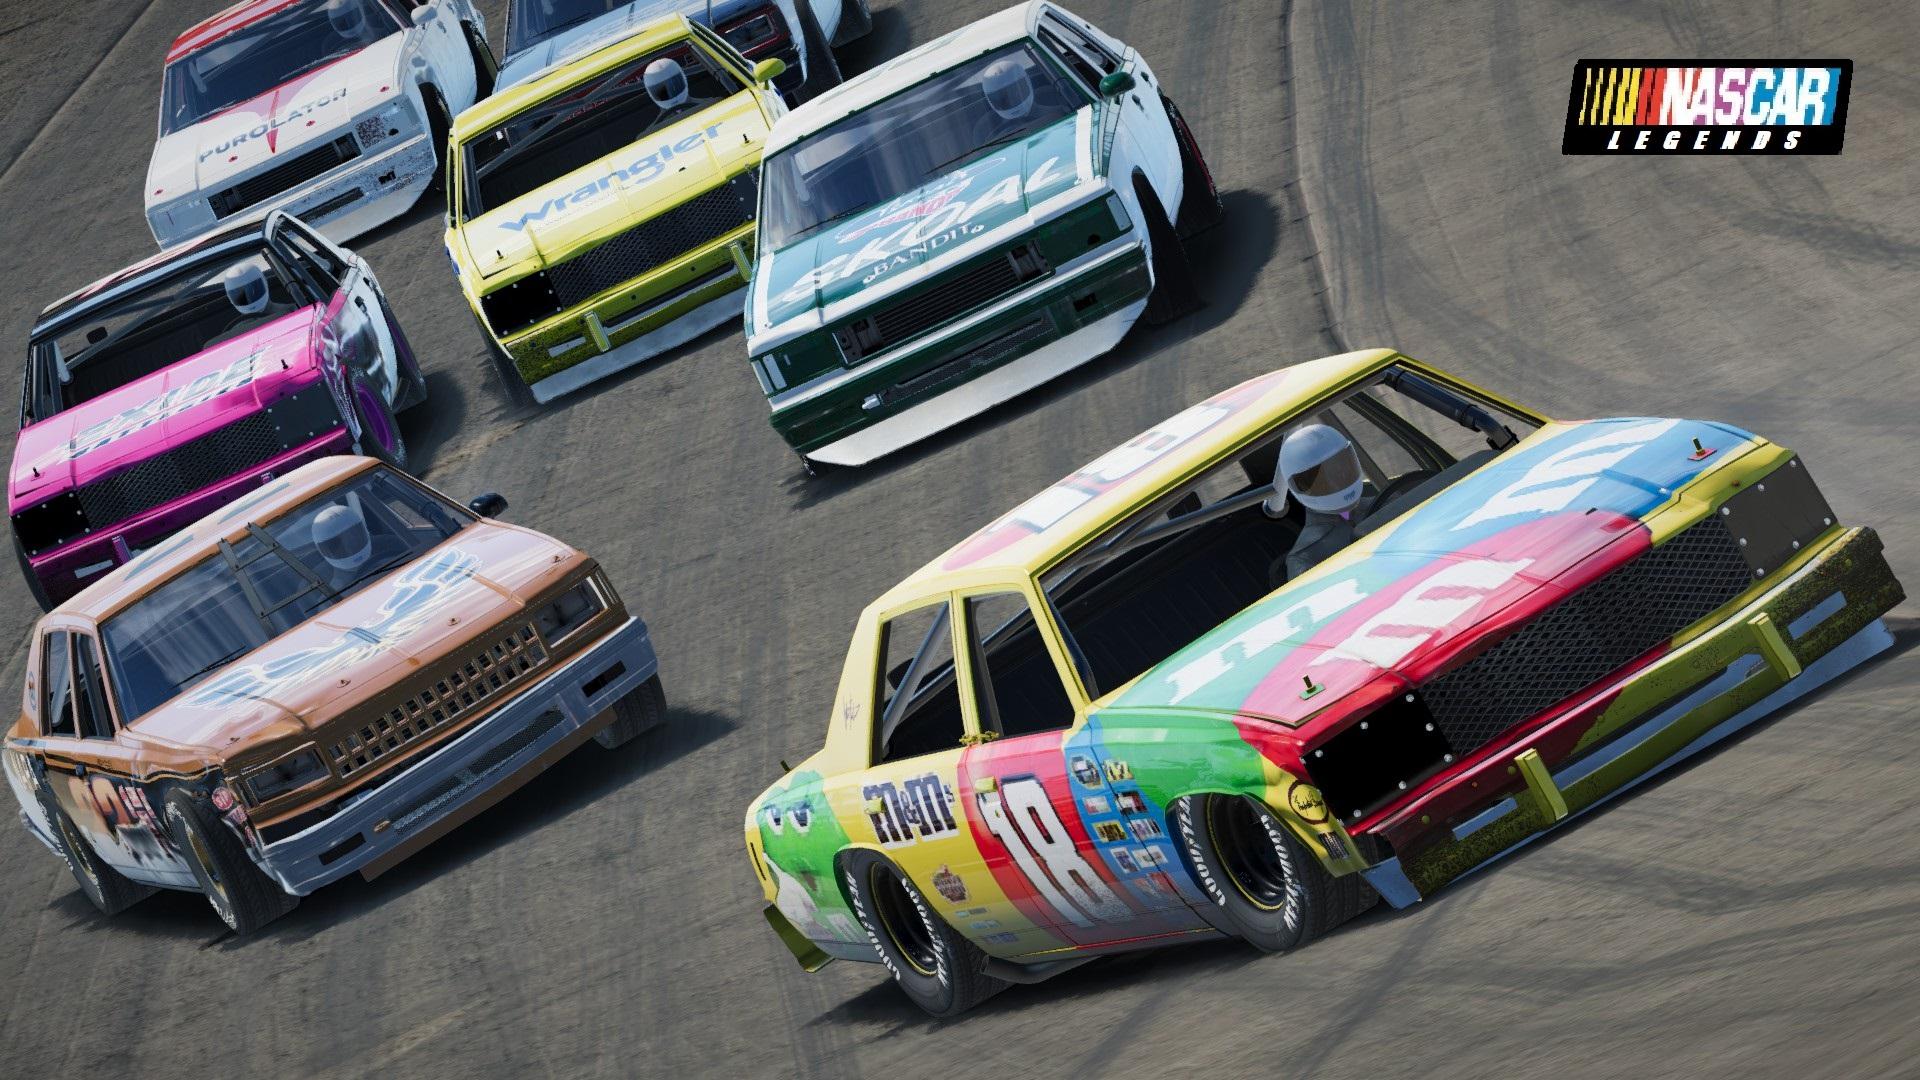 Steam Workshop :: NASCAR LEGENDS SP UPDATED!